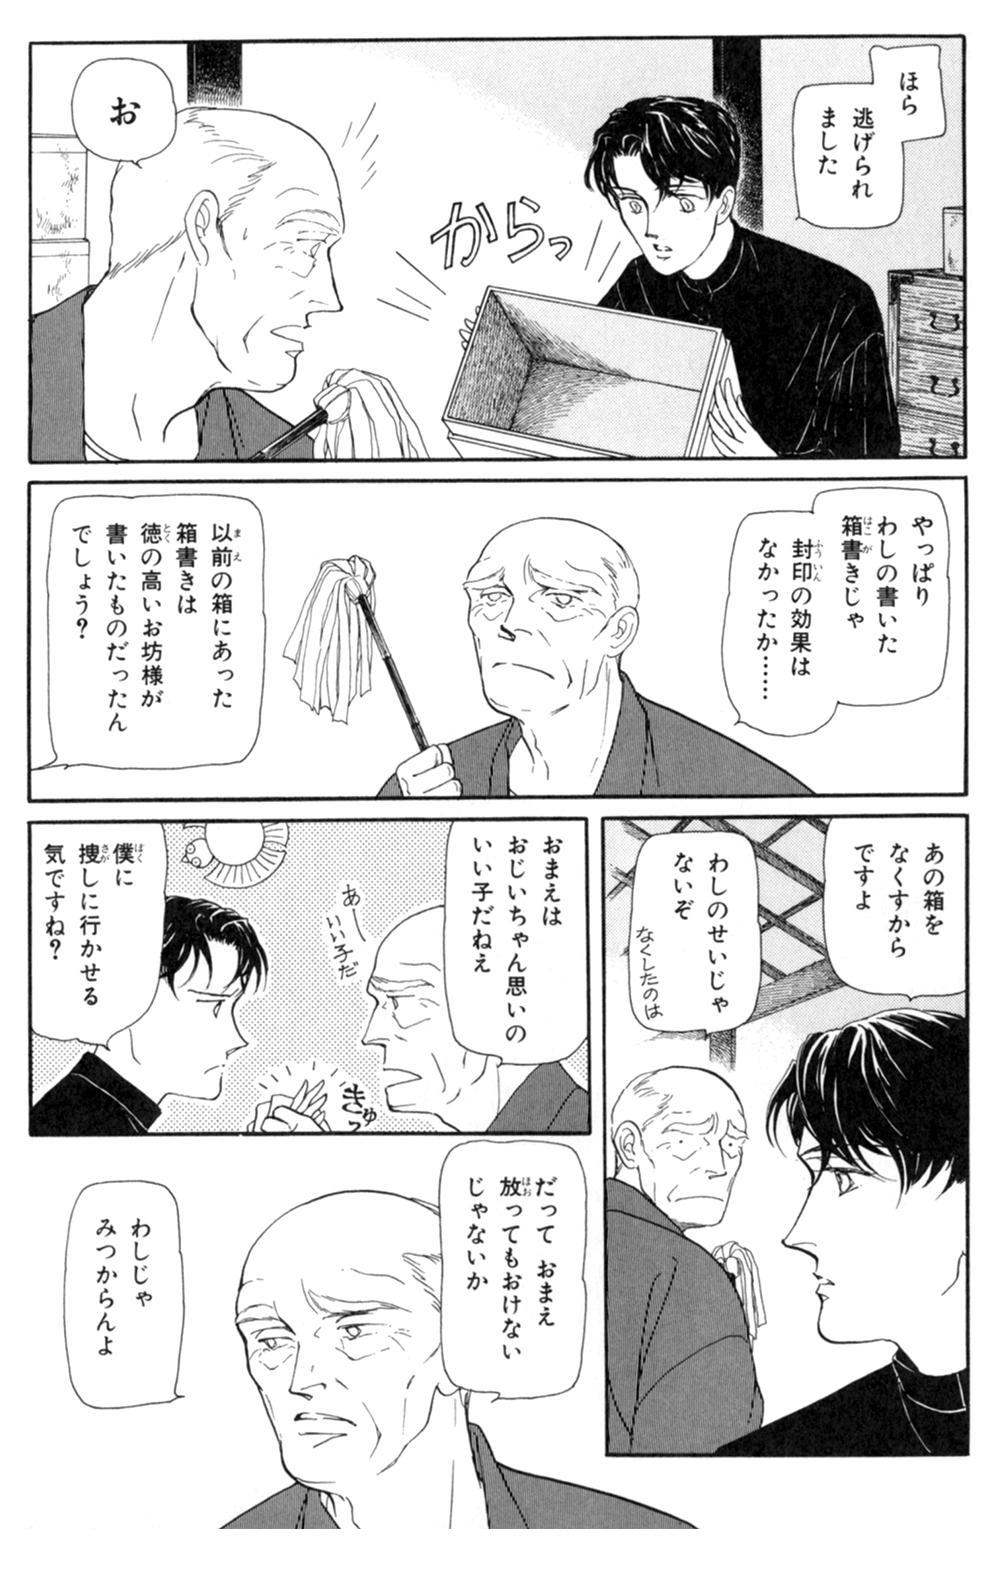 雨柳堂夢咄 第5話「太郎丸」①uryudo-03-148.jpg